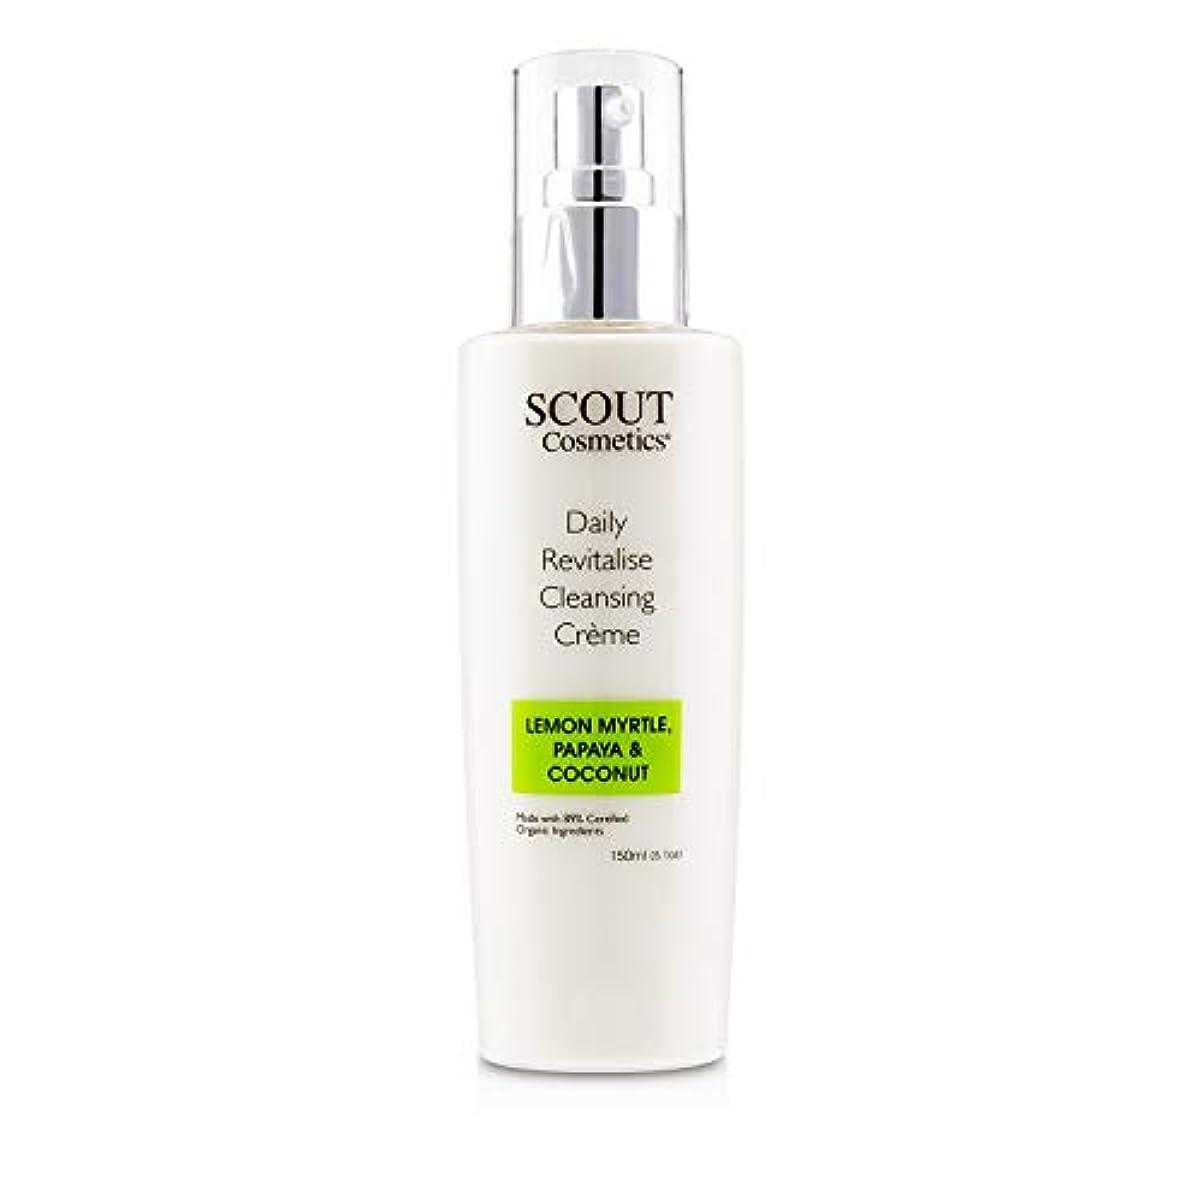 タフ変形知性SCOUT Cosmetics Daily Revitalise Cleansing Creme with Lemon Myrtle, Papaya & Coconut 150ml/5.1oz並行輸入品